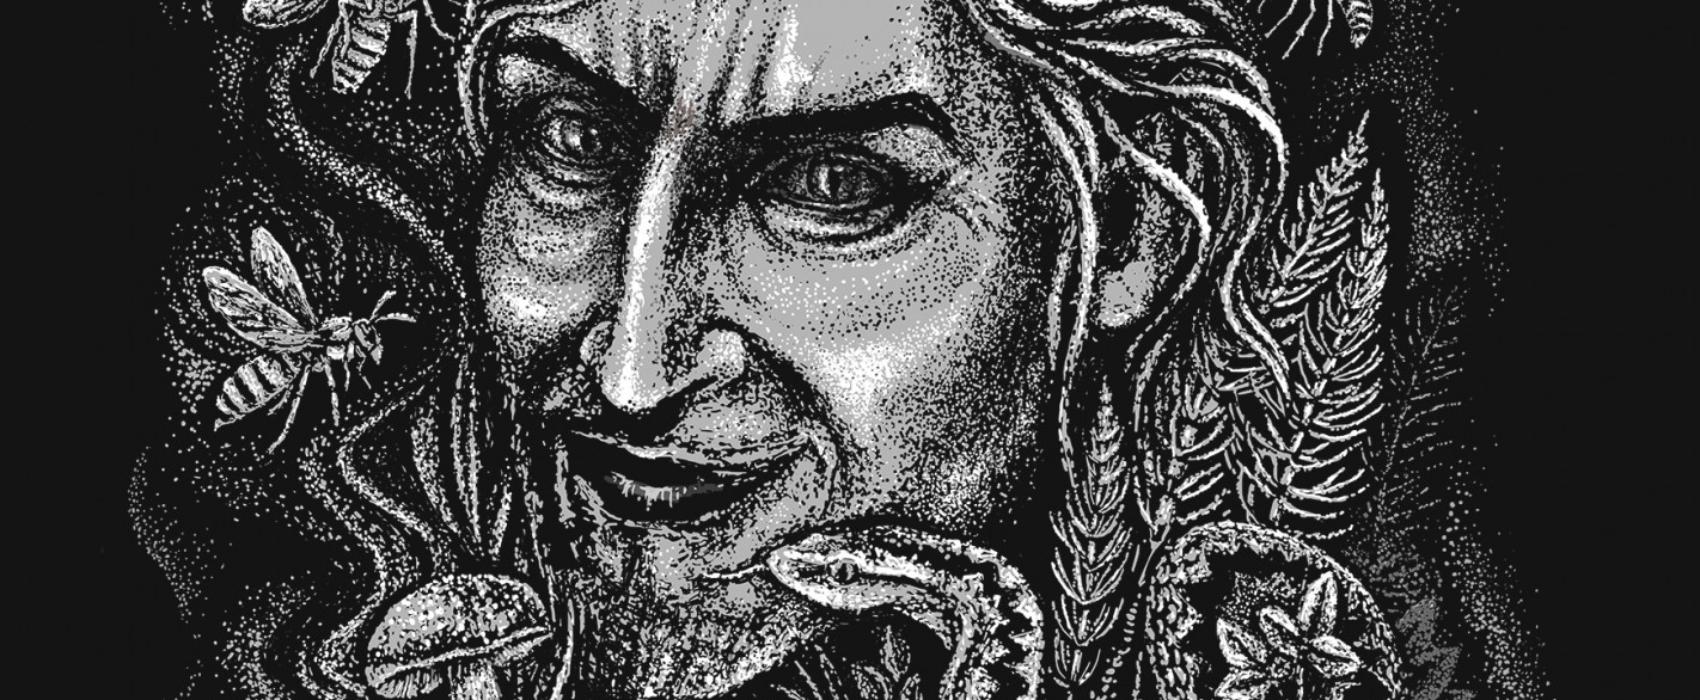 Hermus - kaszubski demon, władca żmij i truciciel ludzi 10